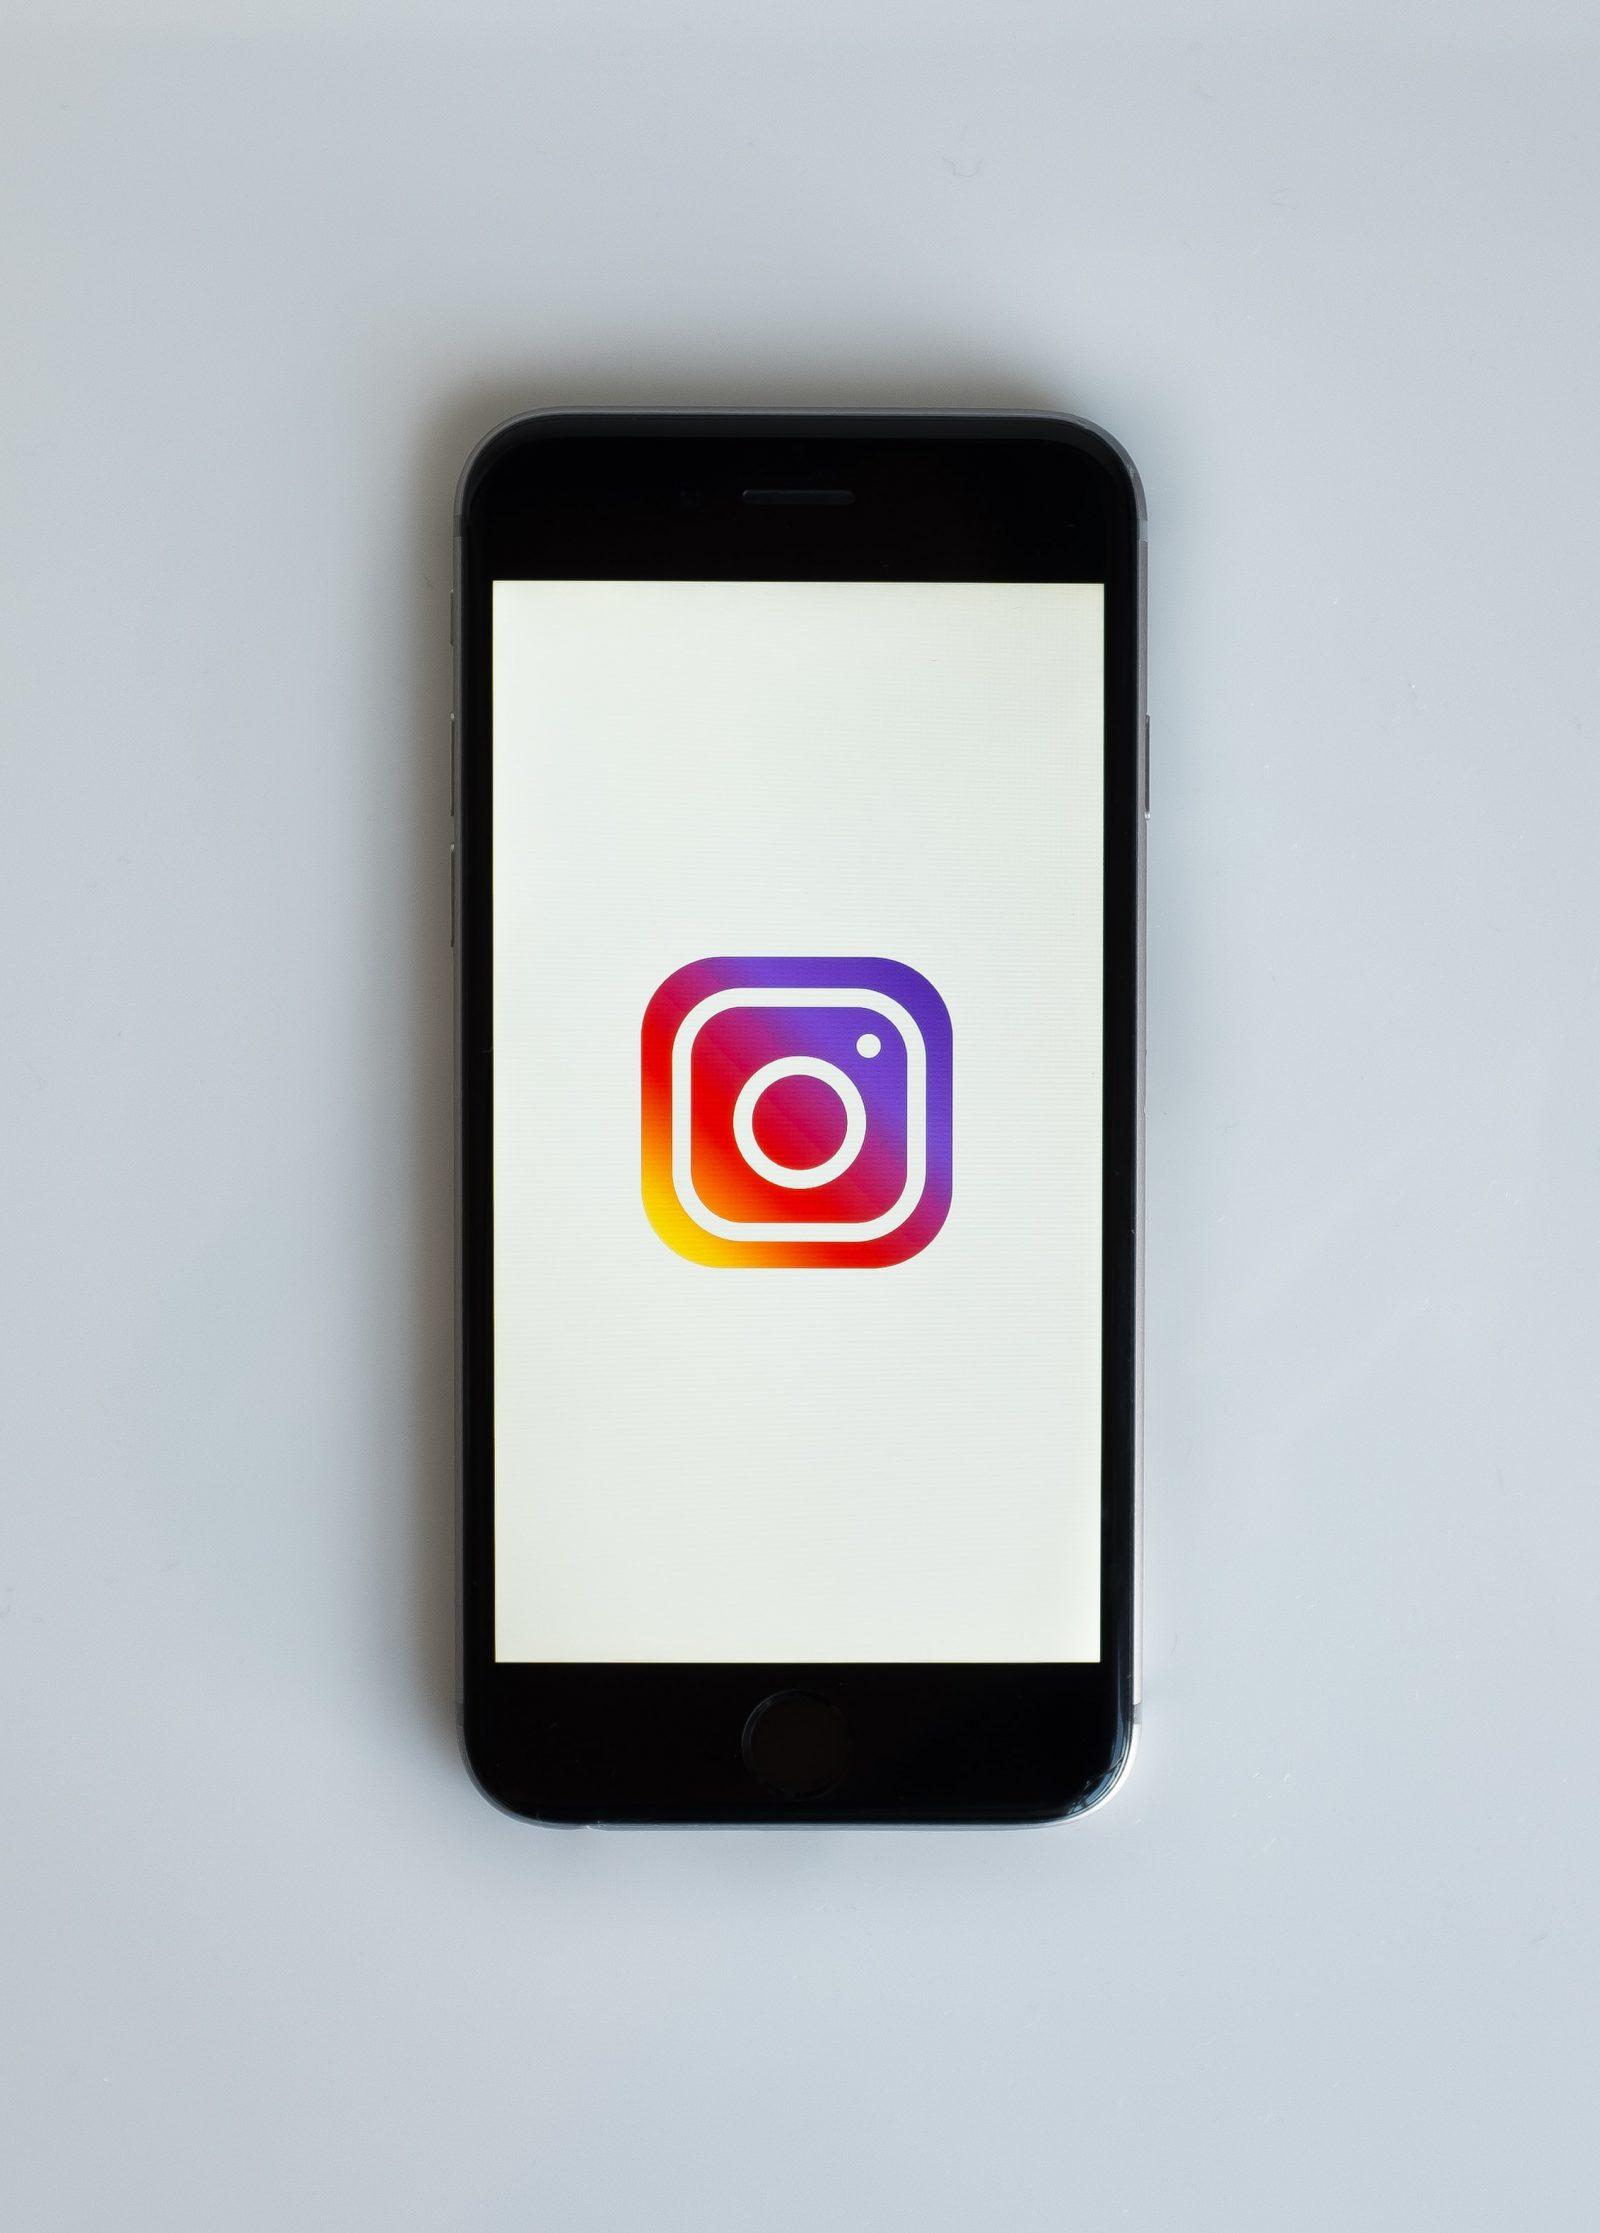 Musta puhelin valkoisella taustalla ja auki Instagramin värikäs logo.